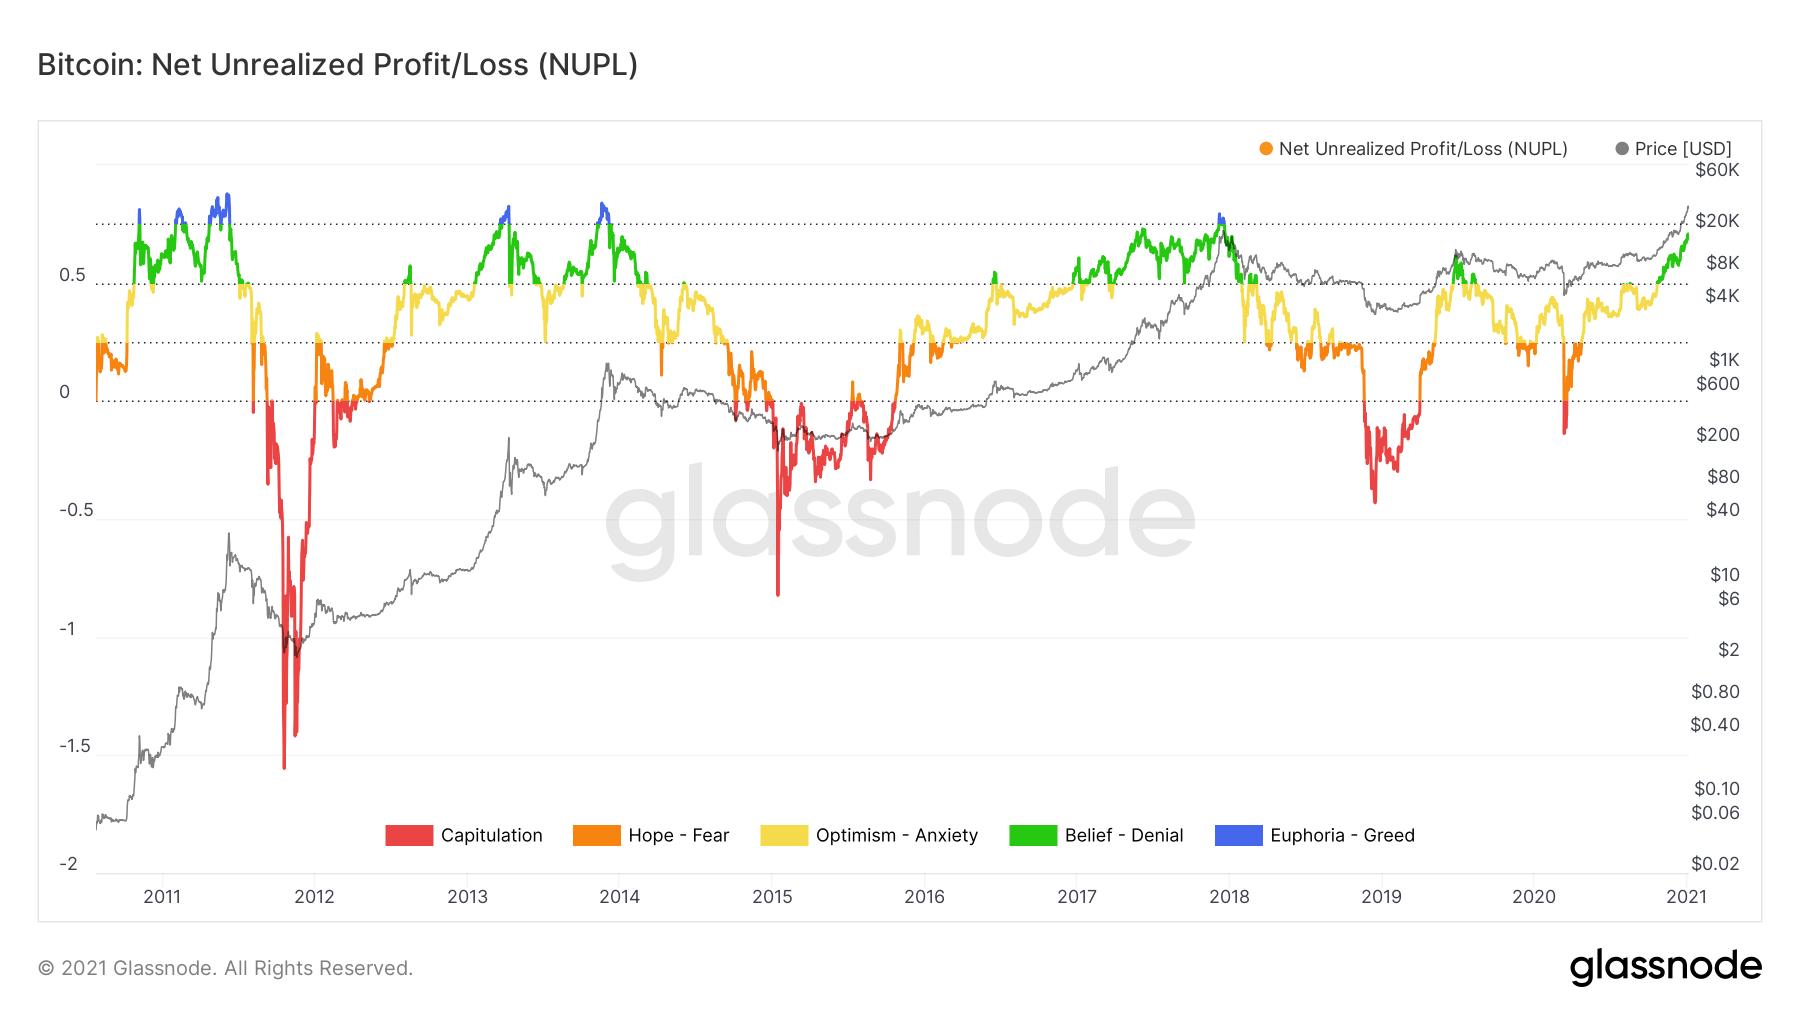 Bénéfice / perte net non réalisé de Bitcoin